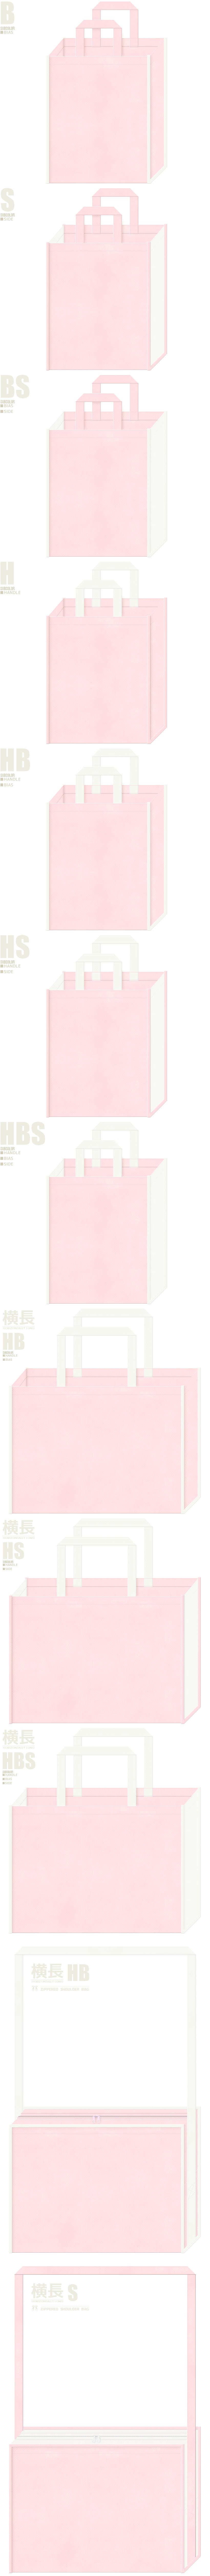 ガーリー・パール・ウェディング・ブーケ・スワン・バニーのイメージにお奨めの不織布バッグデザイン:桜色とオフホワイト色の配色7パターン。